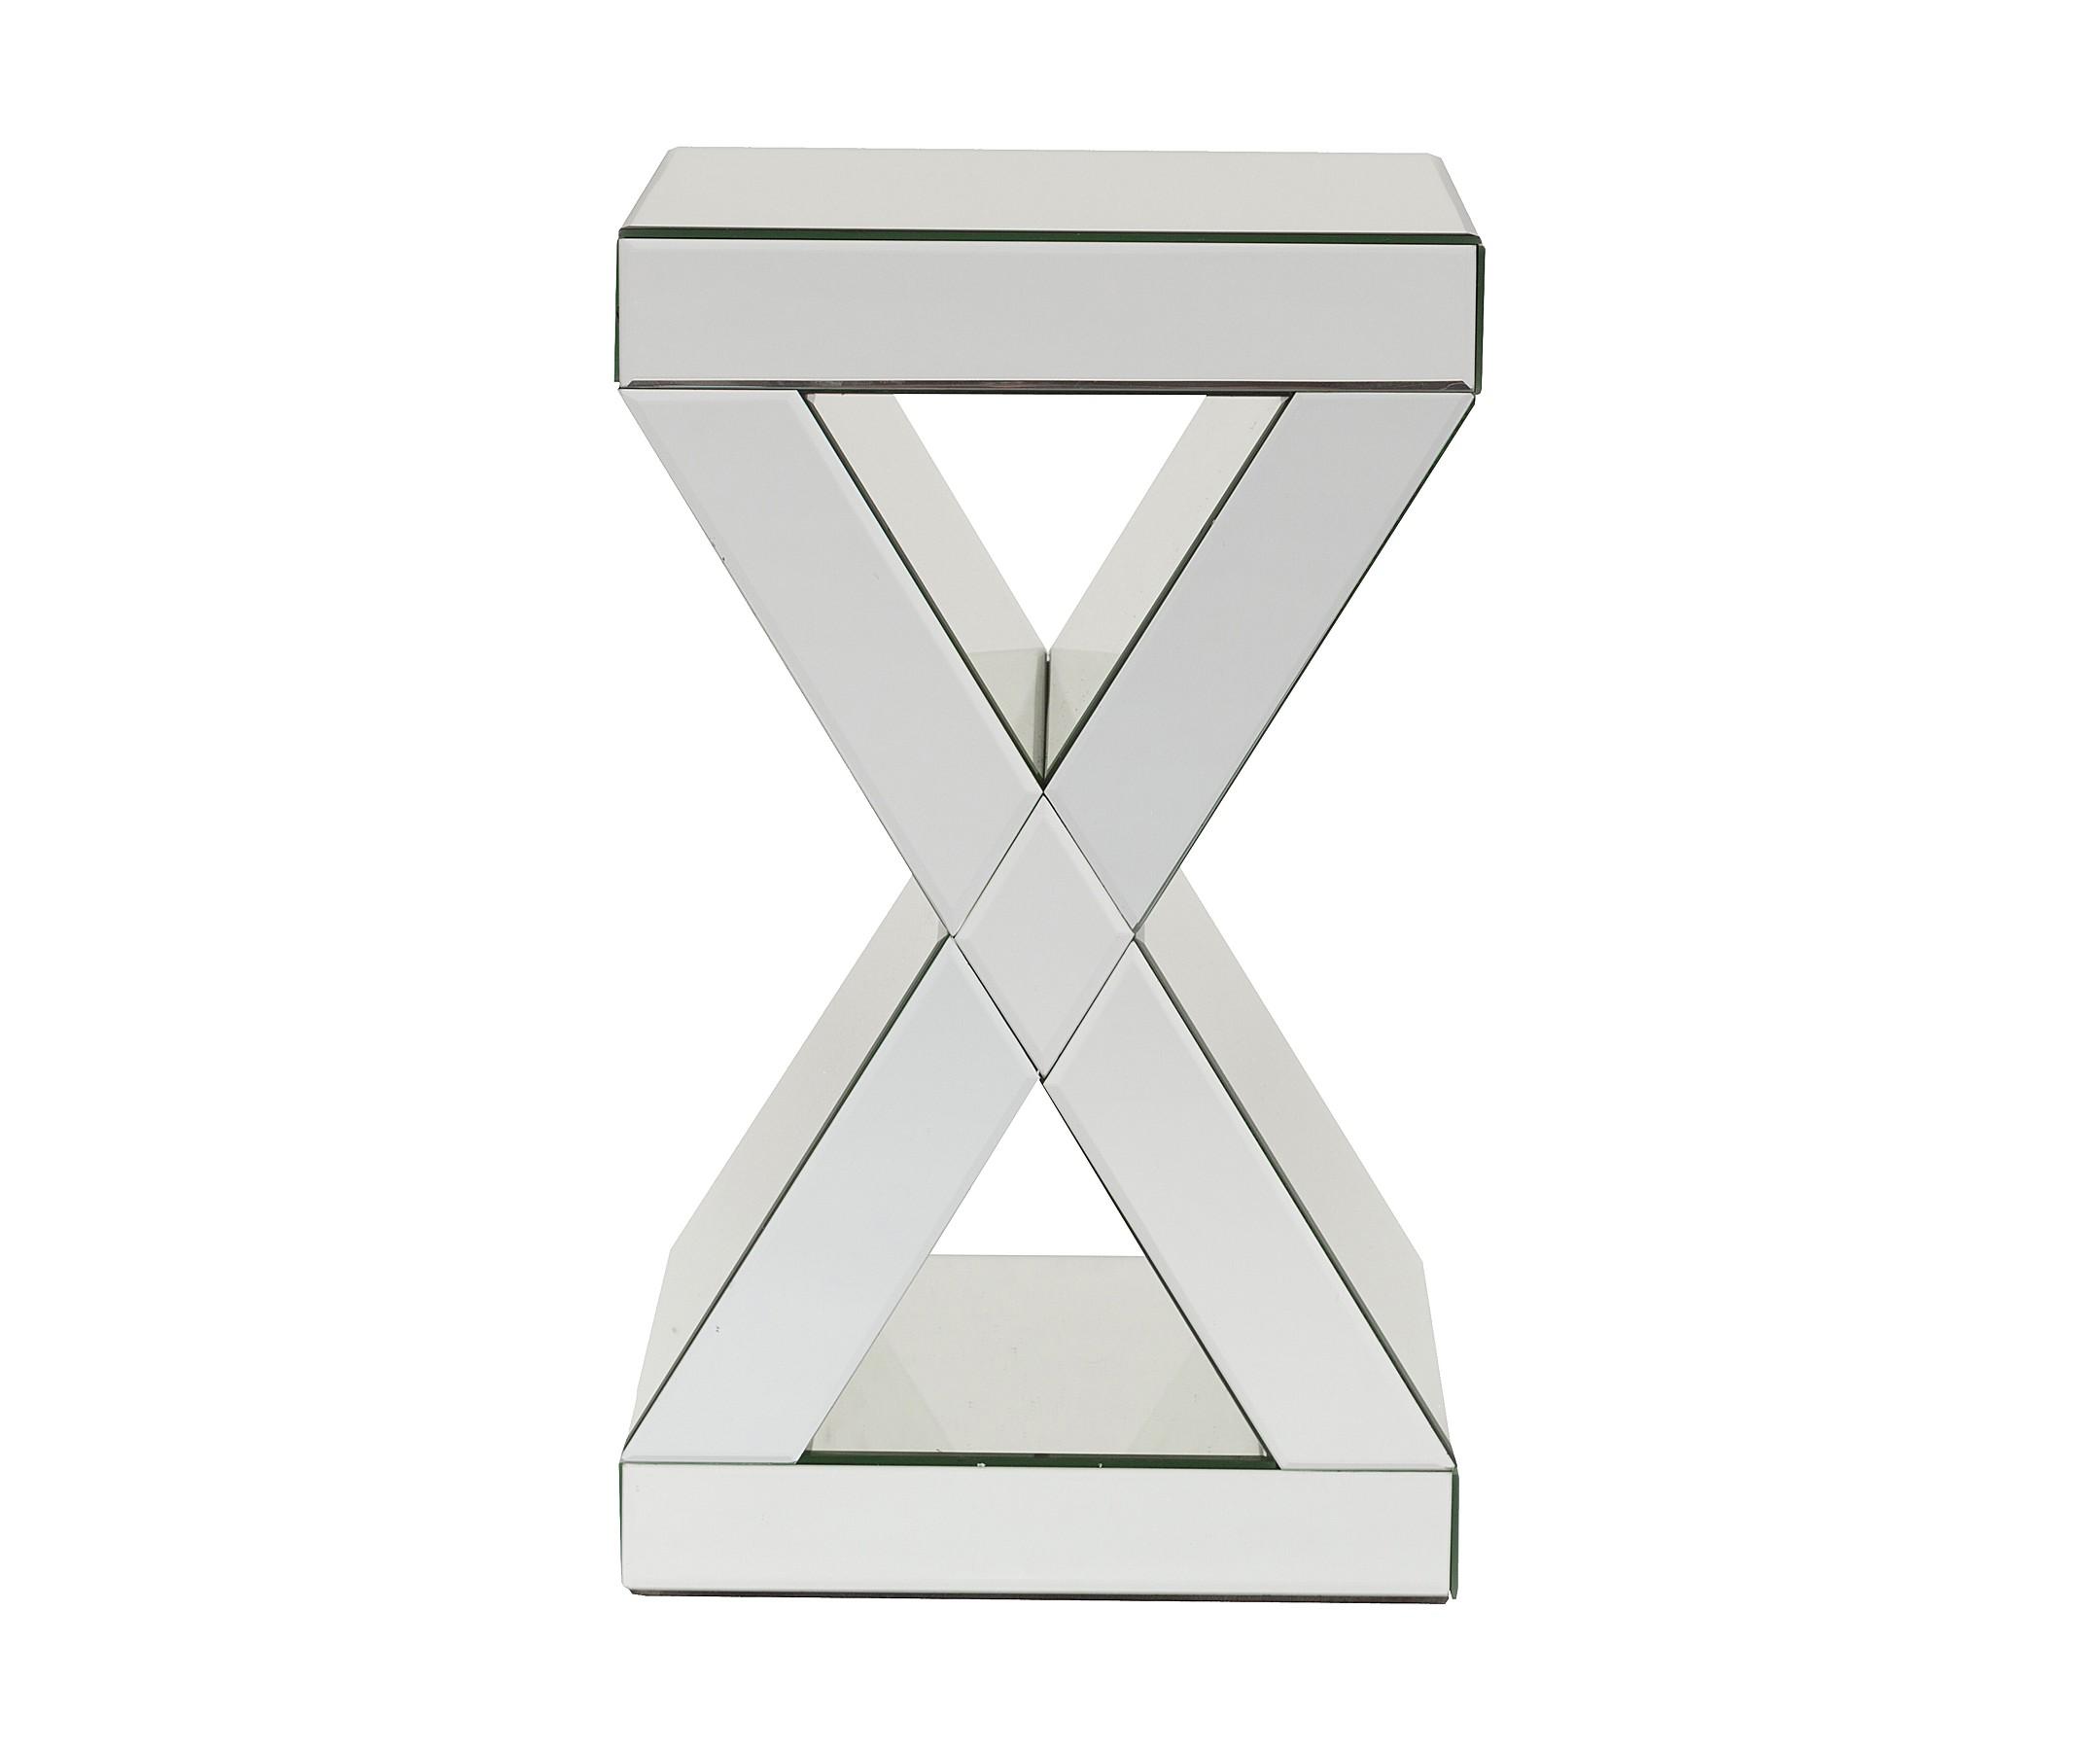 Зеркальный кофейный столик DunkerkeКофейные столики<br><br><br>Material: Стекло<br>Width см: 31<br>Depth см: 31<br>Height см: 51